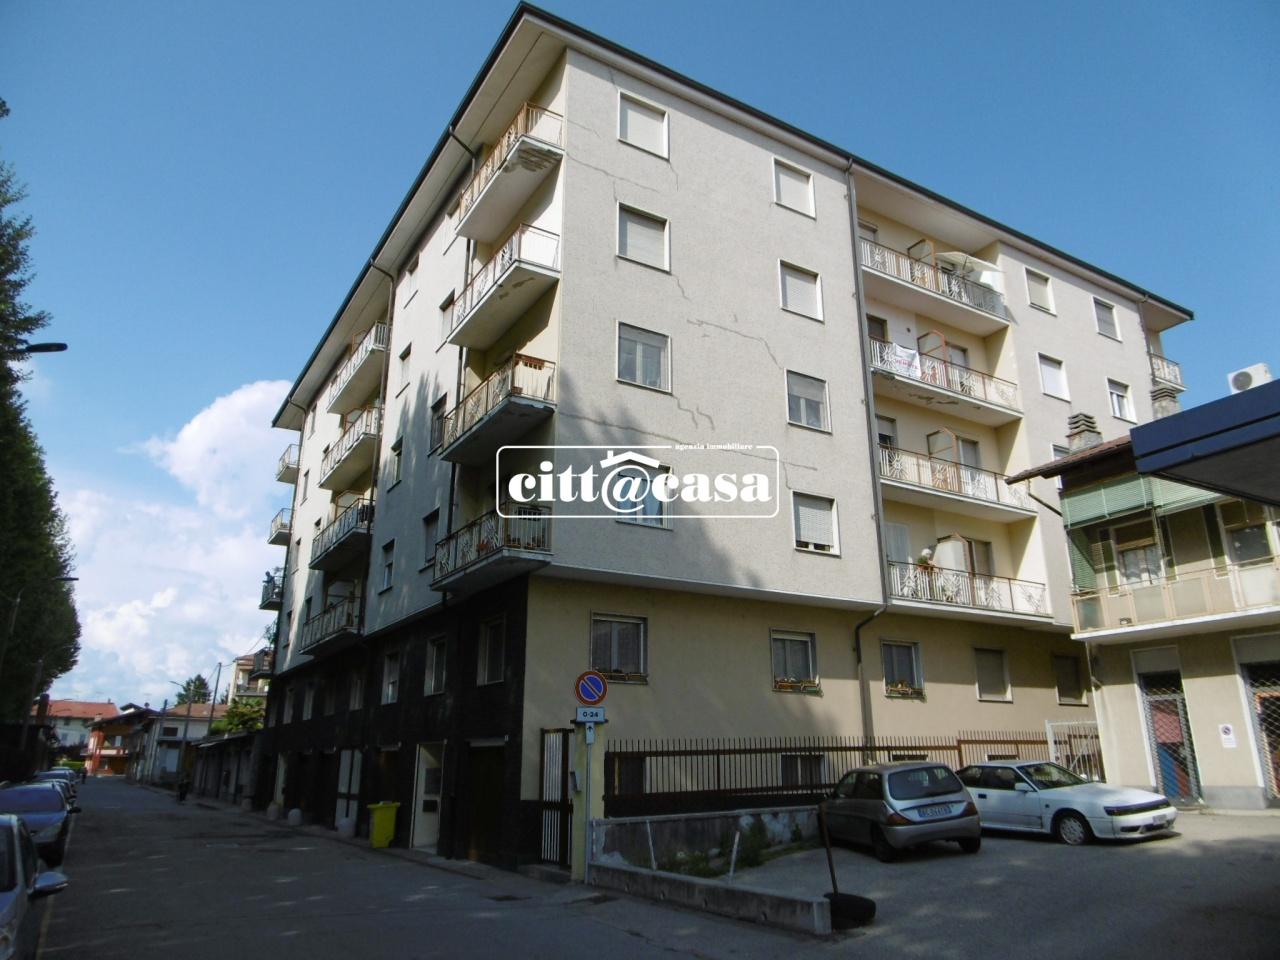 Appartamento in vendita a Strambino, 3 locali, prezzo € 40.000 | CambioCasa.it